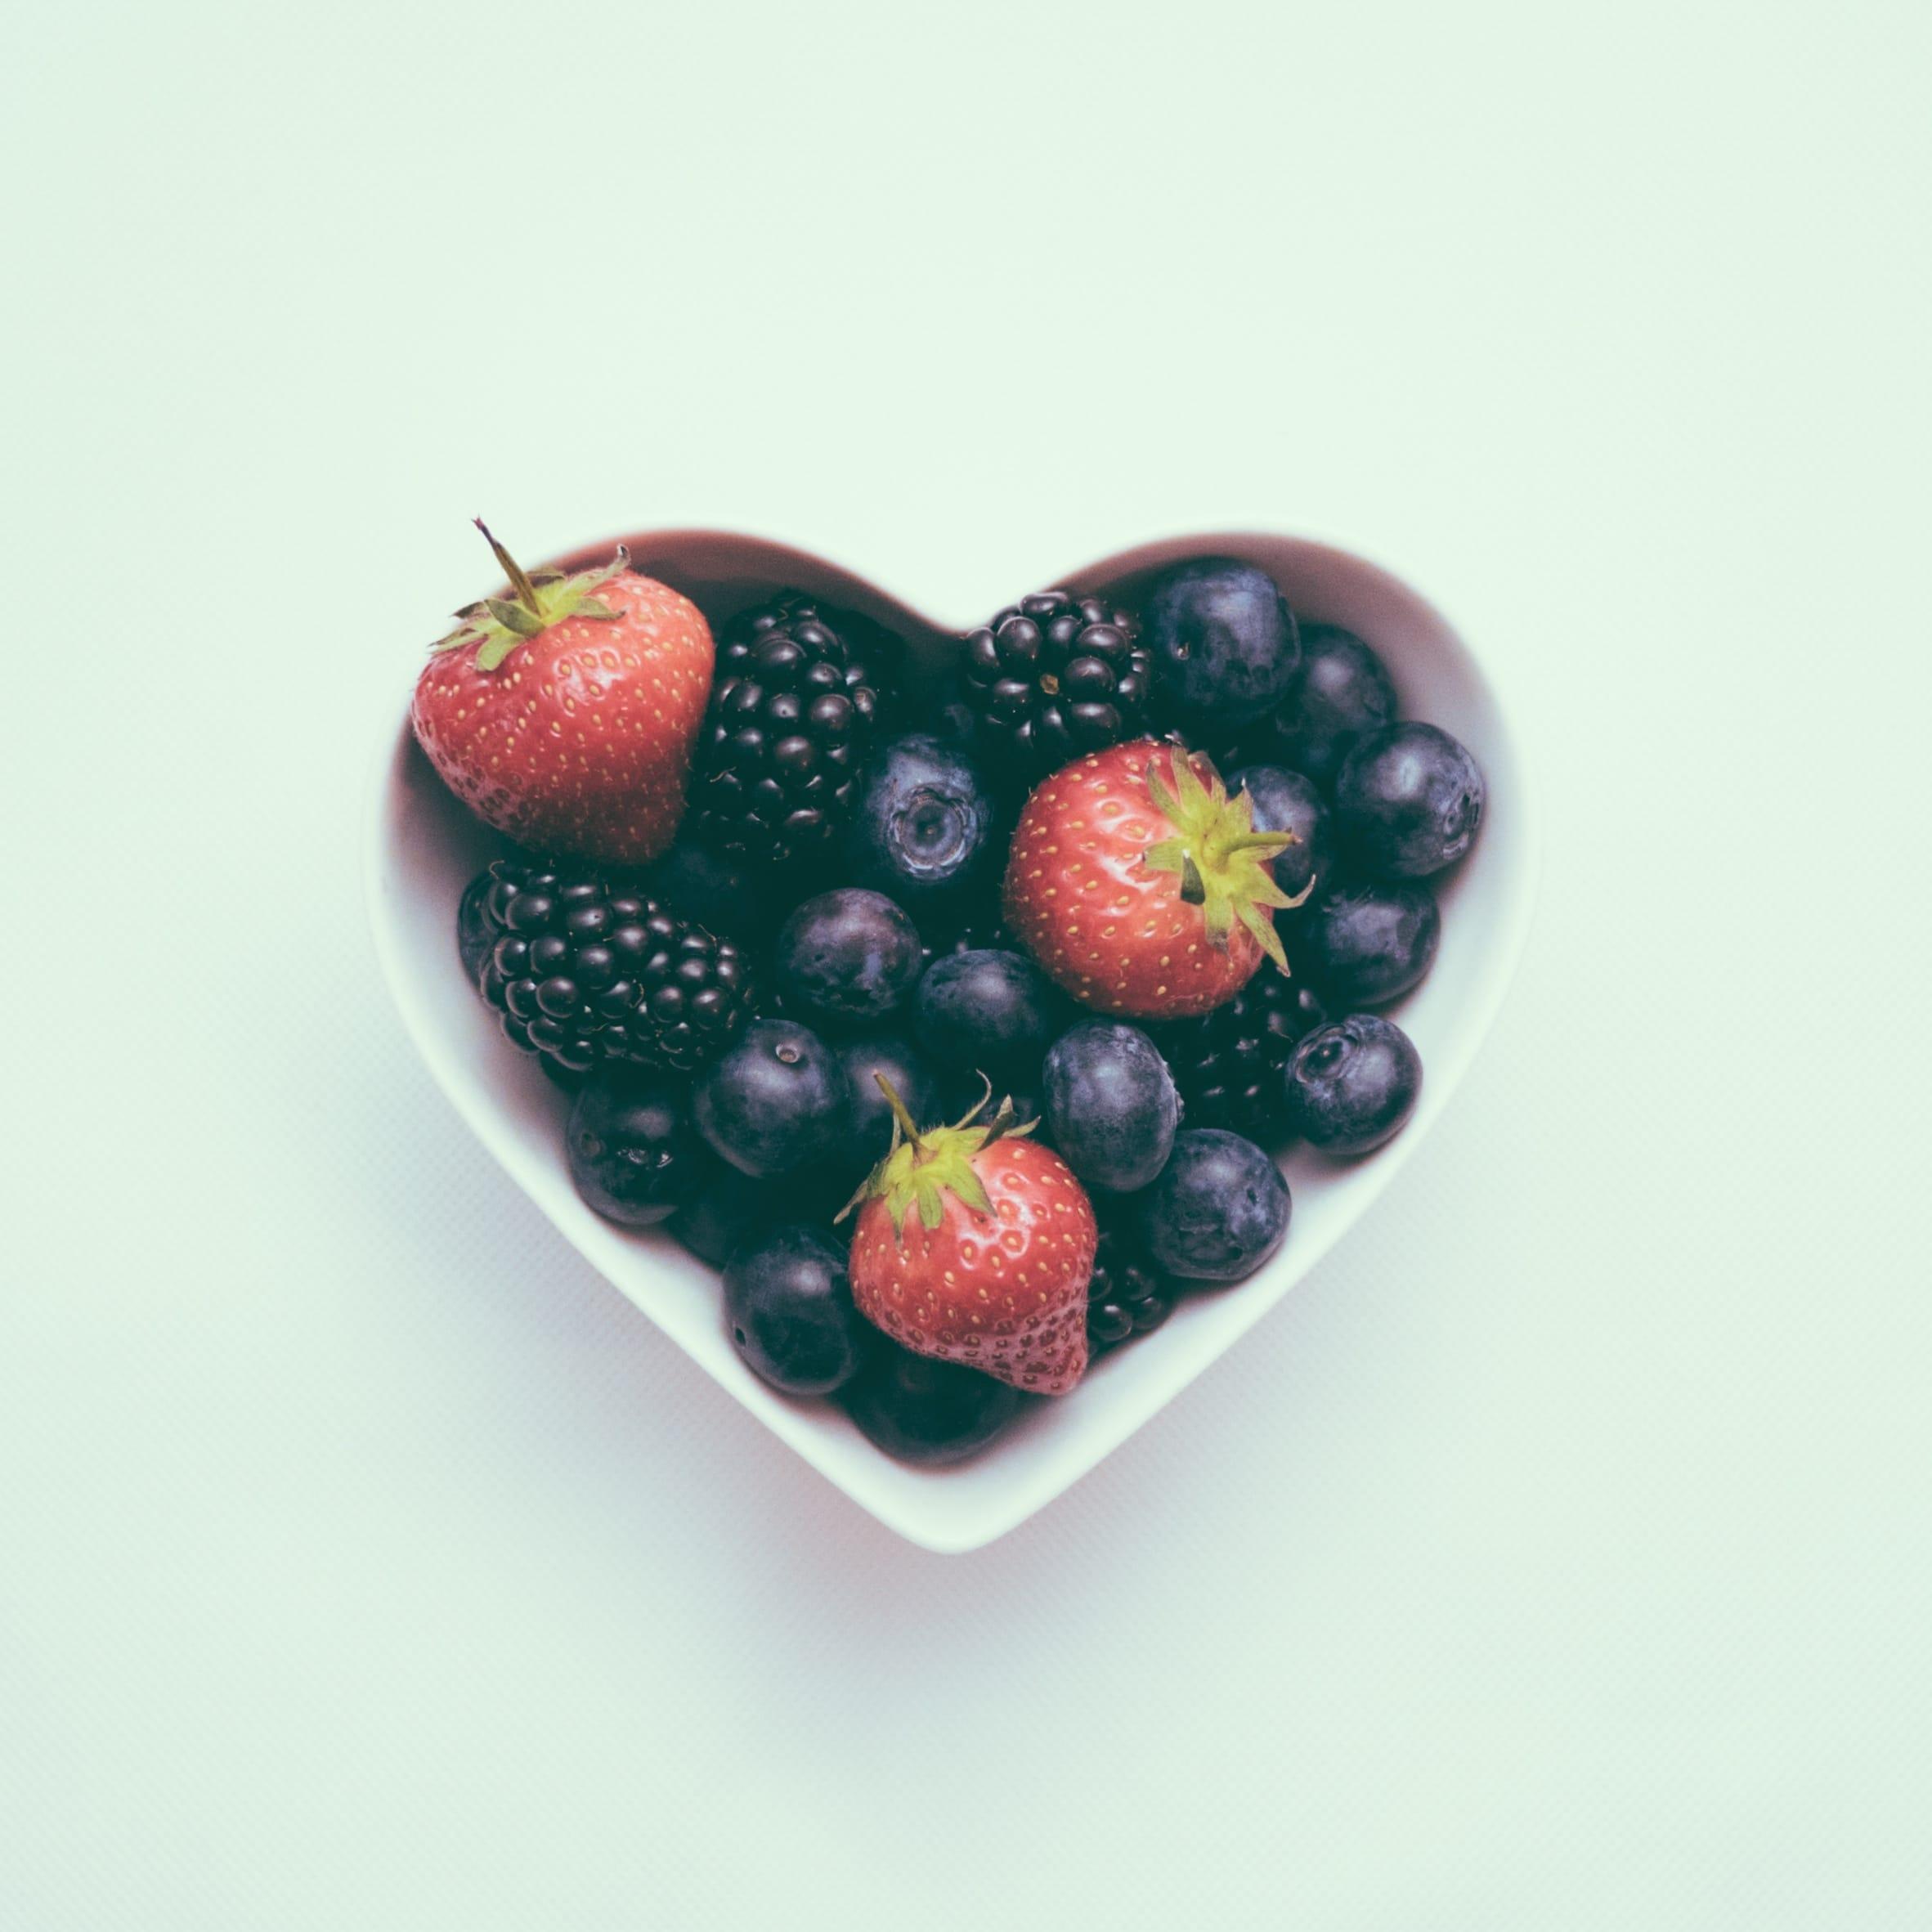 bowl of fruit in a heart shape